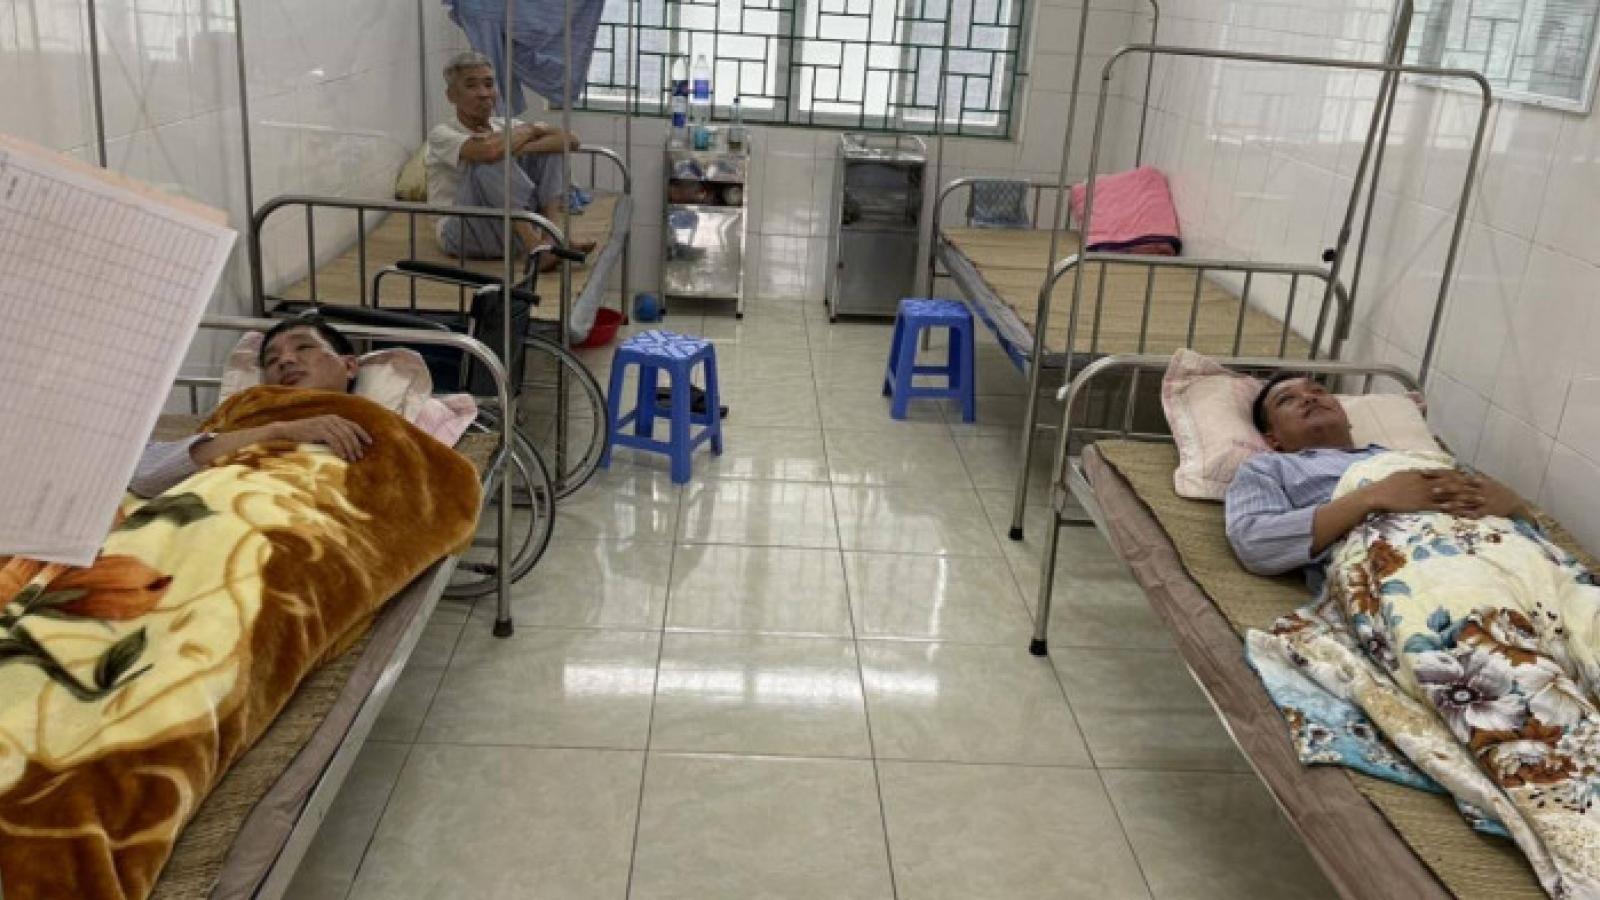 Bắt giữ đôi vợ chồng vận chuyển ma túy, hai cán bộ phòng CSGT tỉnh Hòa Bình bị thương